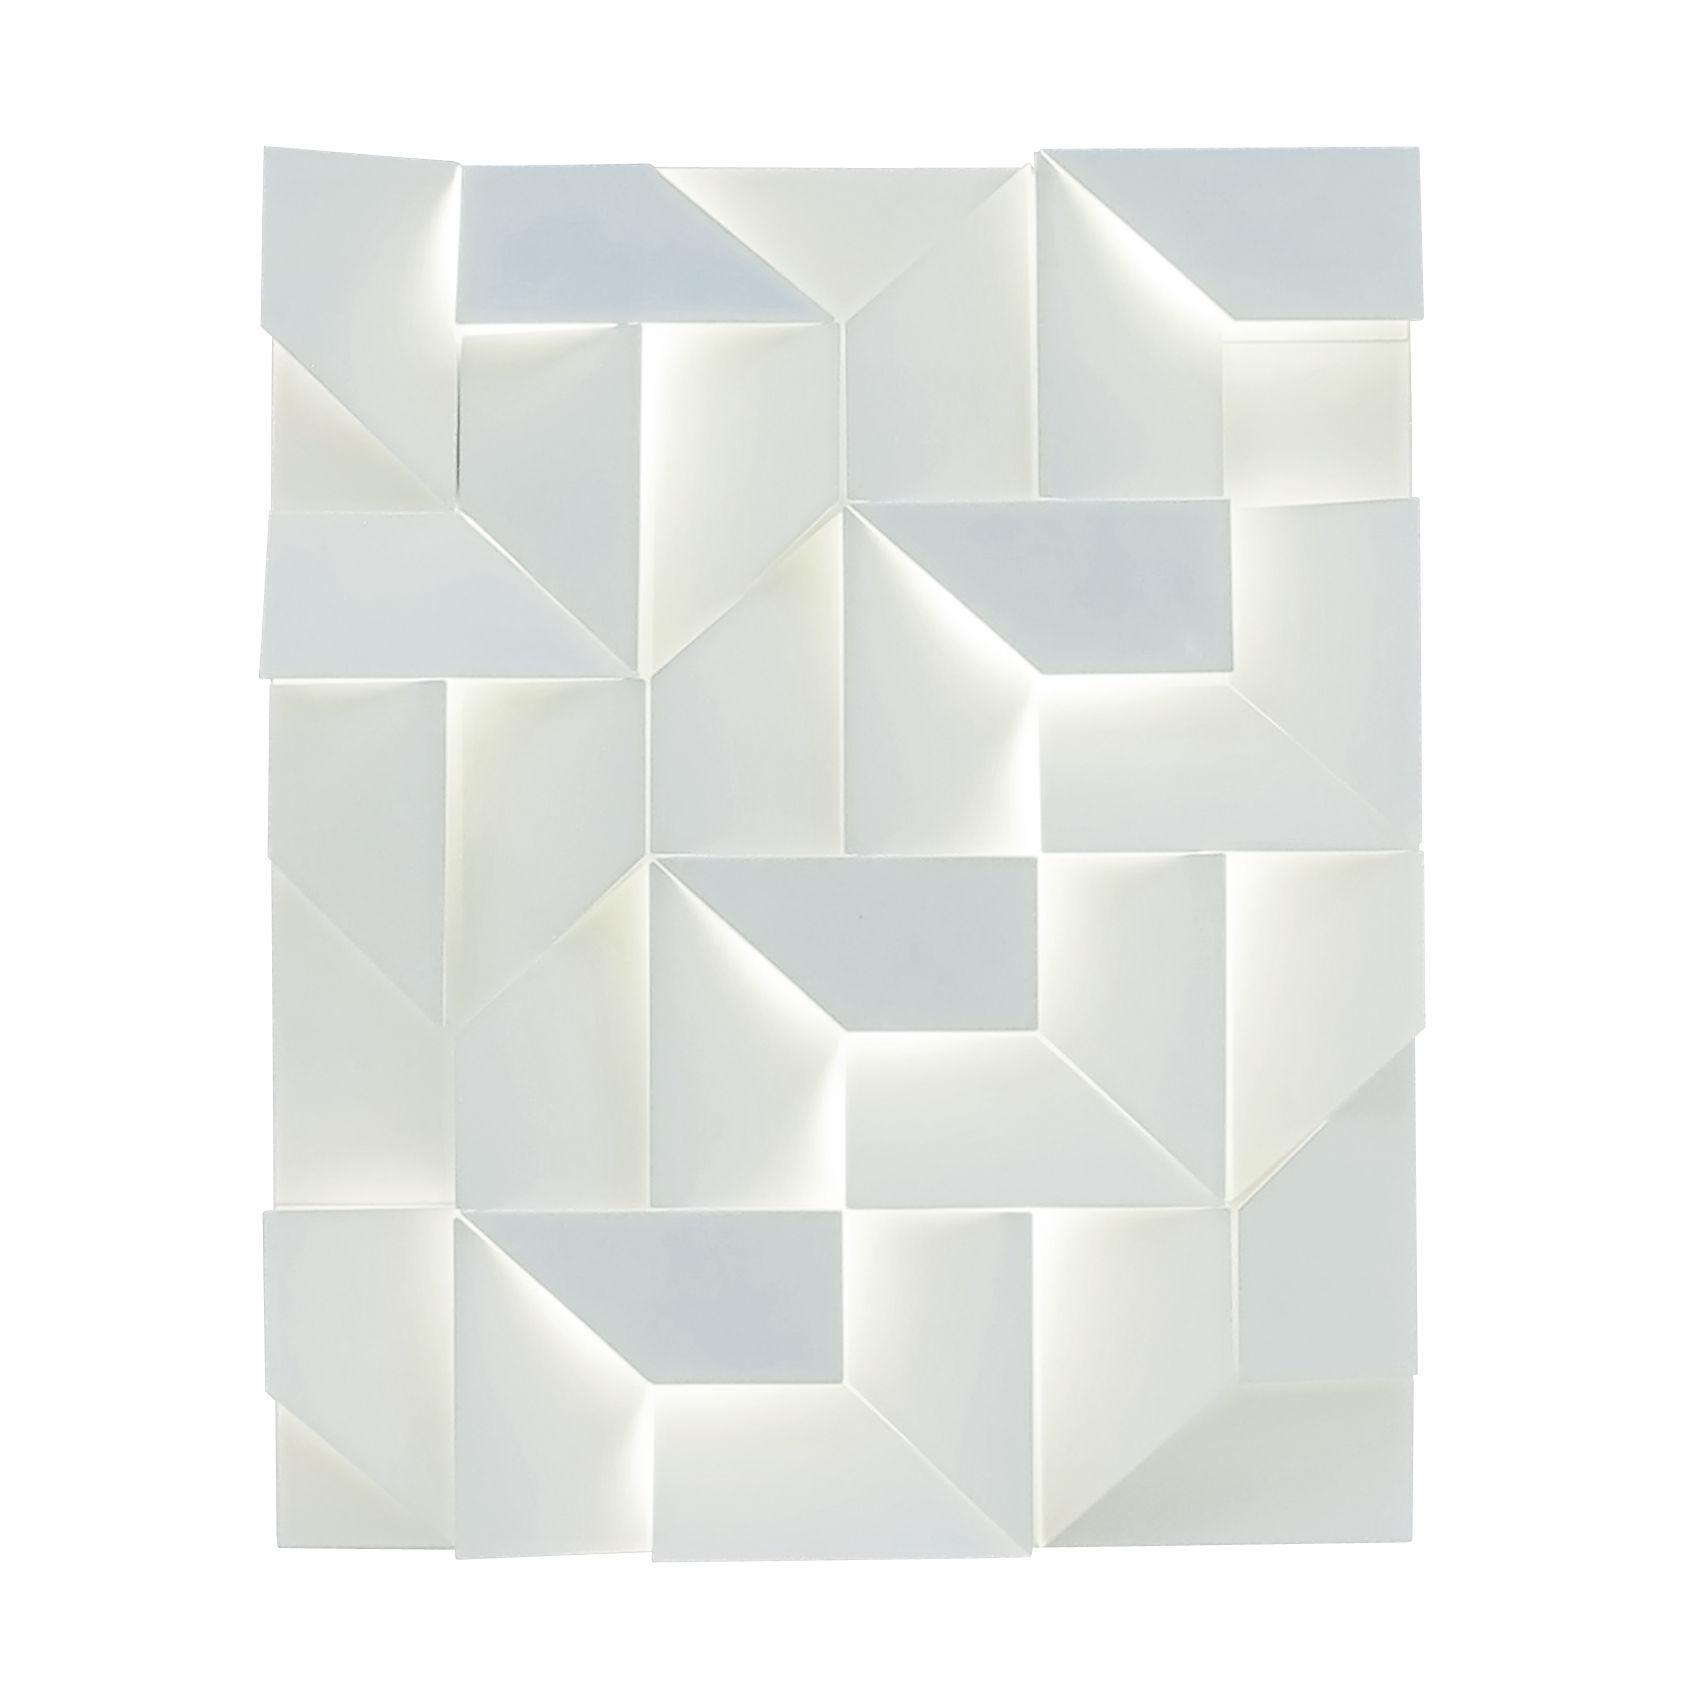 Illuminazione - Lampade da parete - Applique Shadows - LED / 90 x 120 cm - Metallo di Nemo - Blanc mat - Alluminio verniciato a polvere opaco